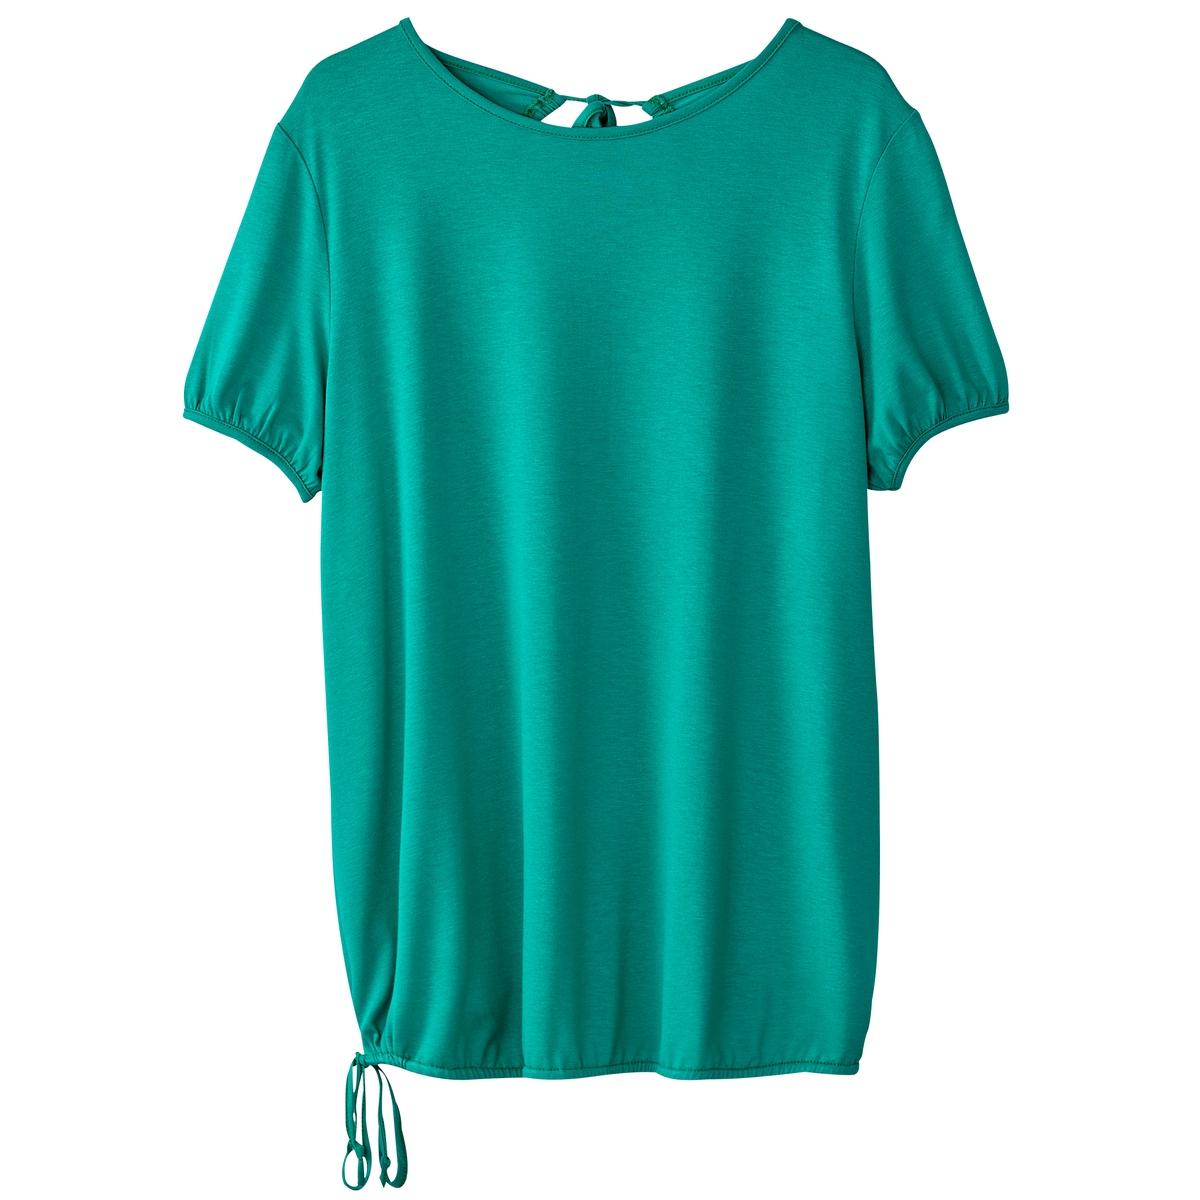 T-shirt de mangas curtas, gola redonda, decotado atrás